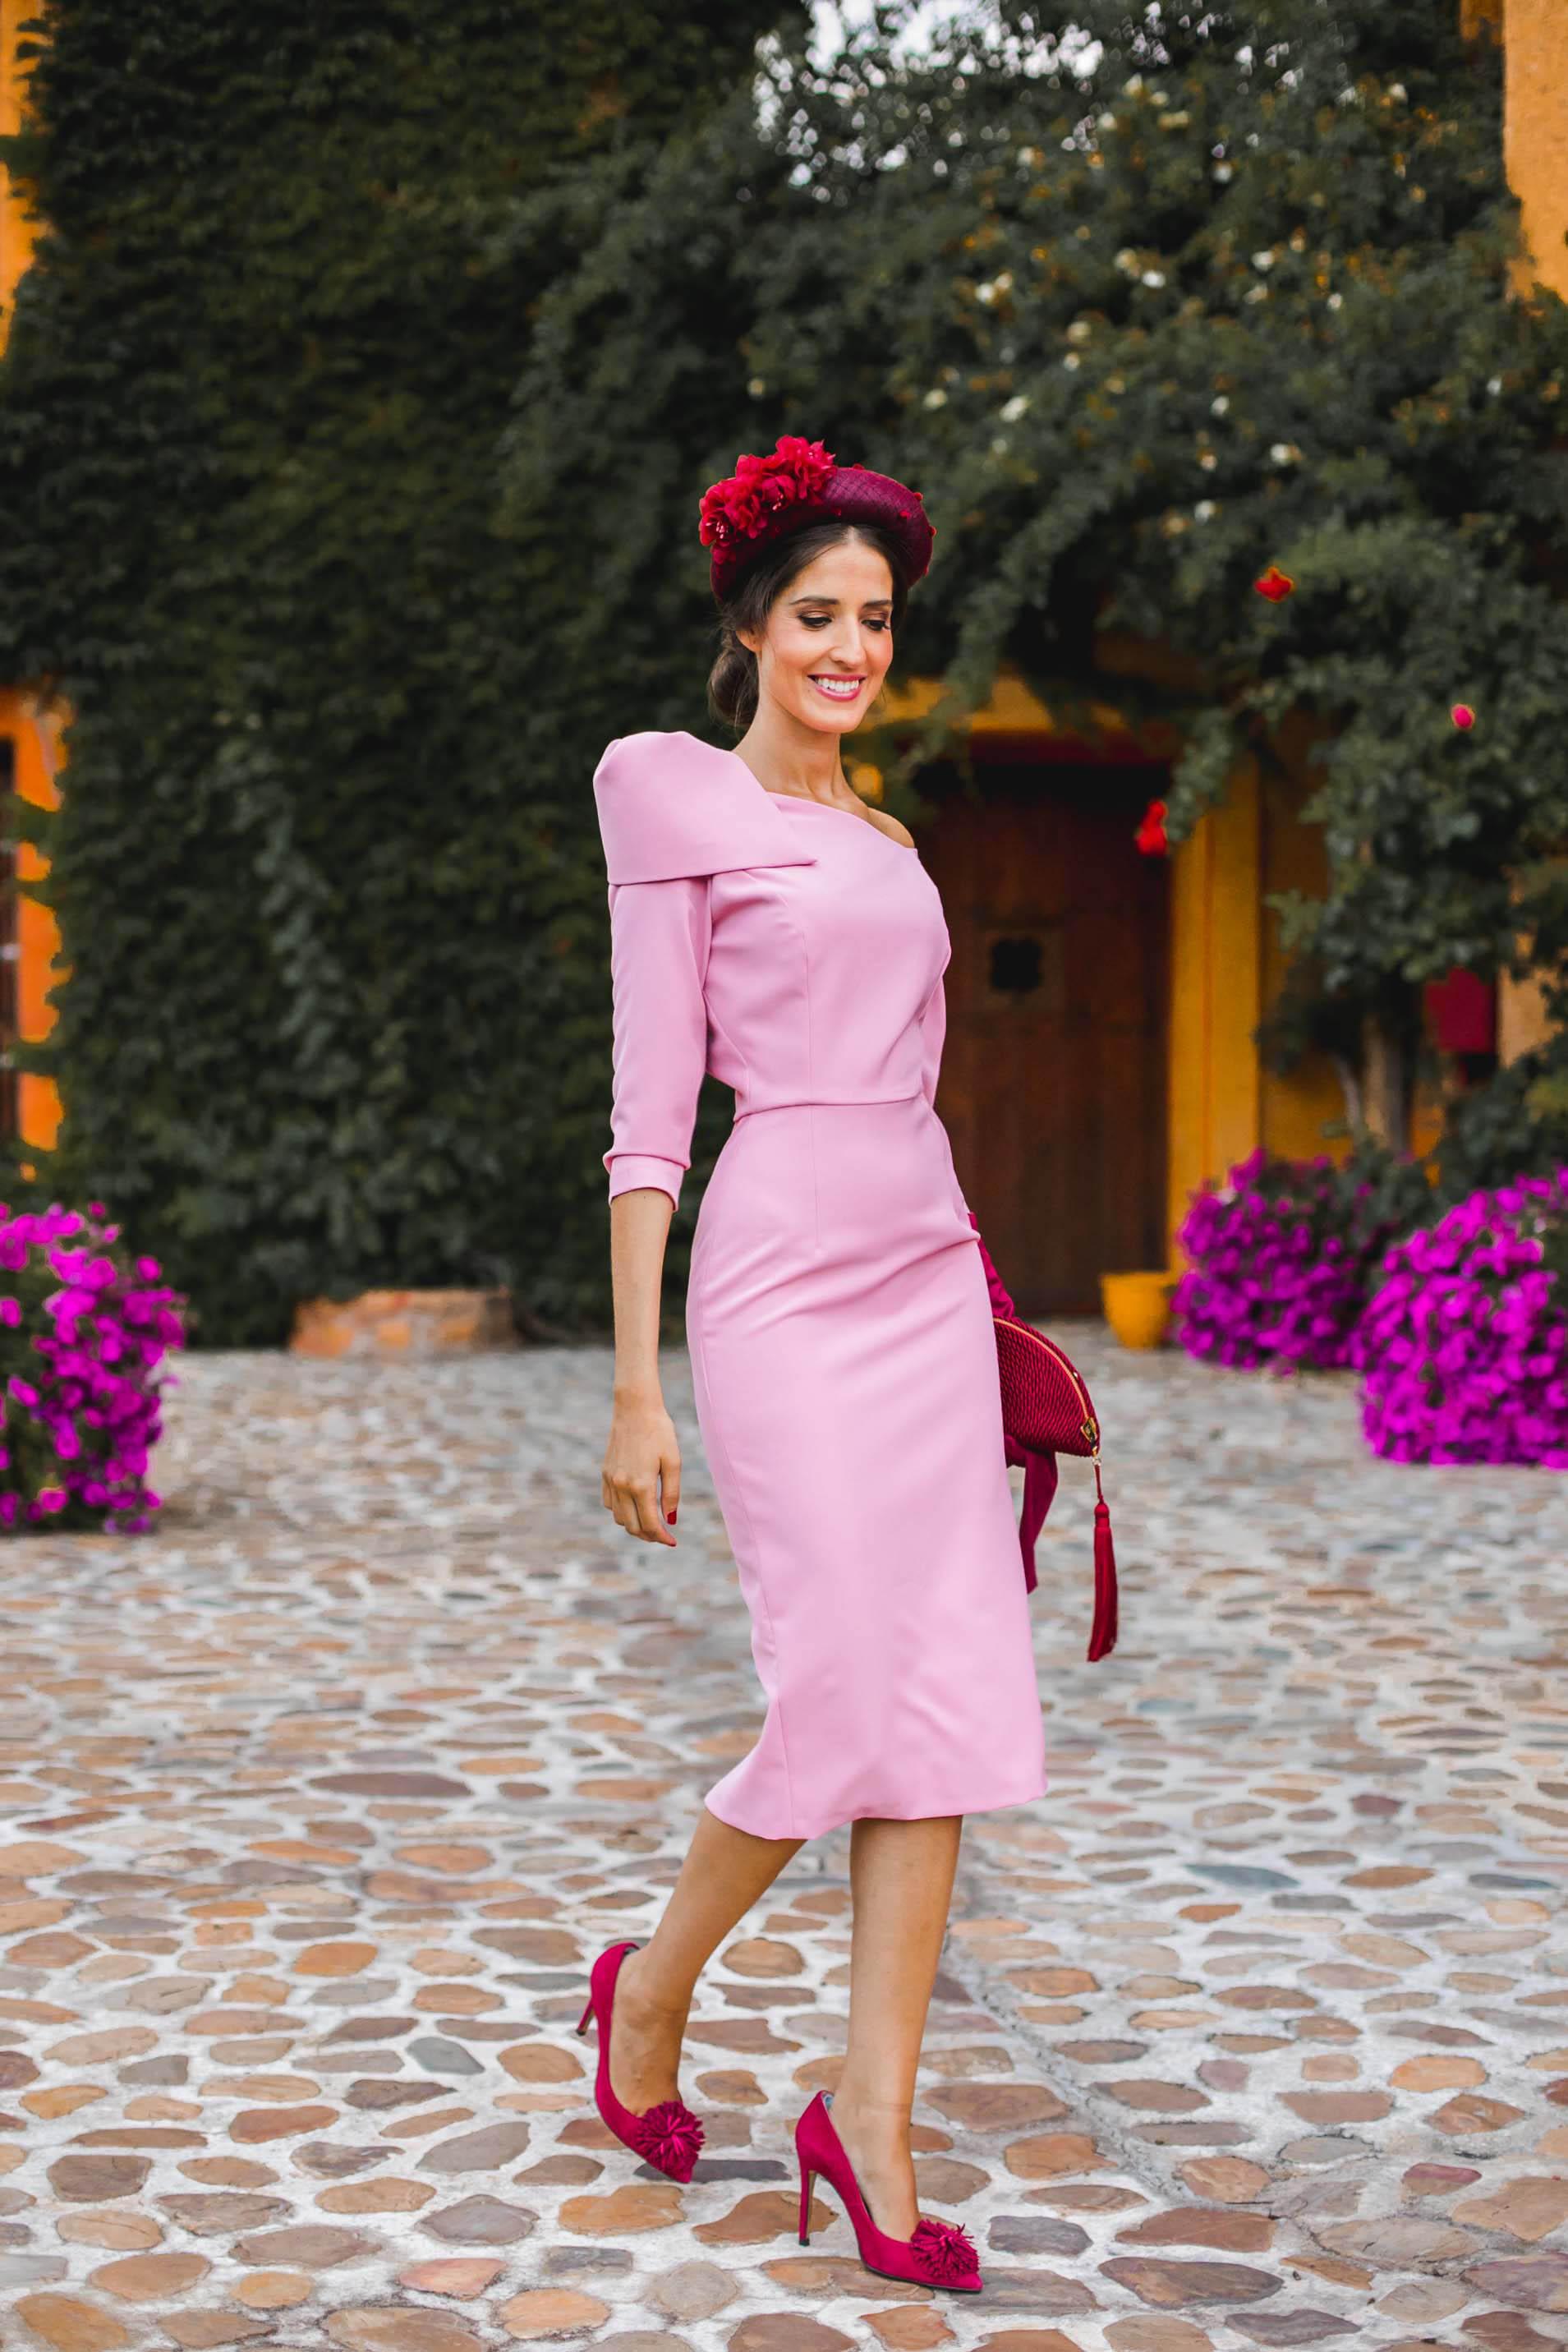 Look invitada boda kate middleton vestido rosa diadema comunion bautizo